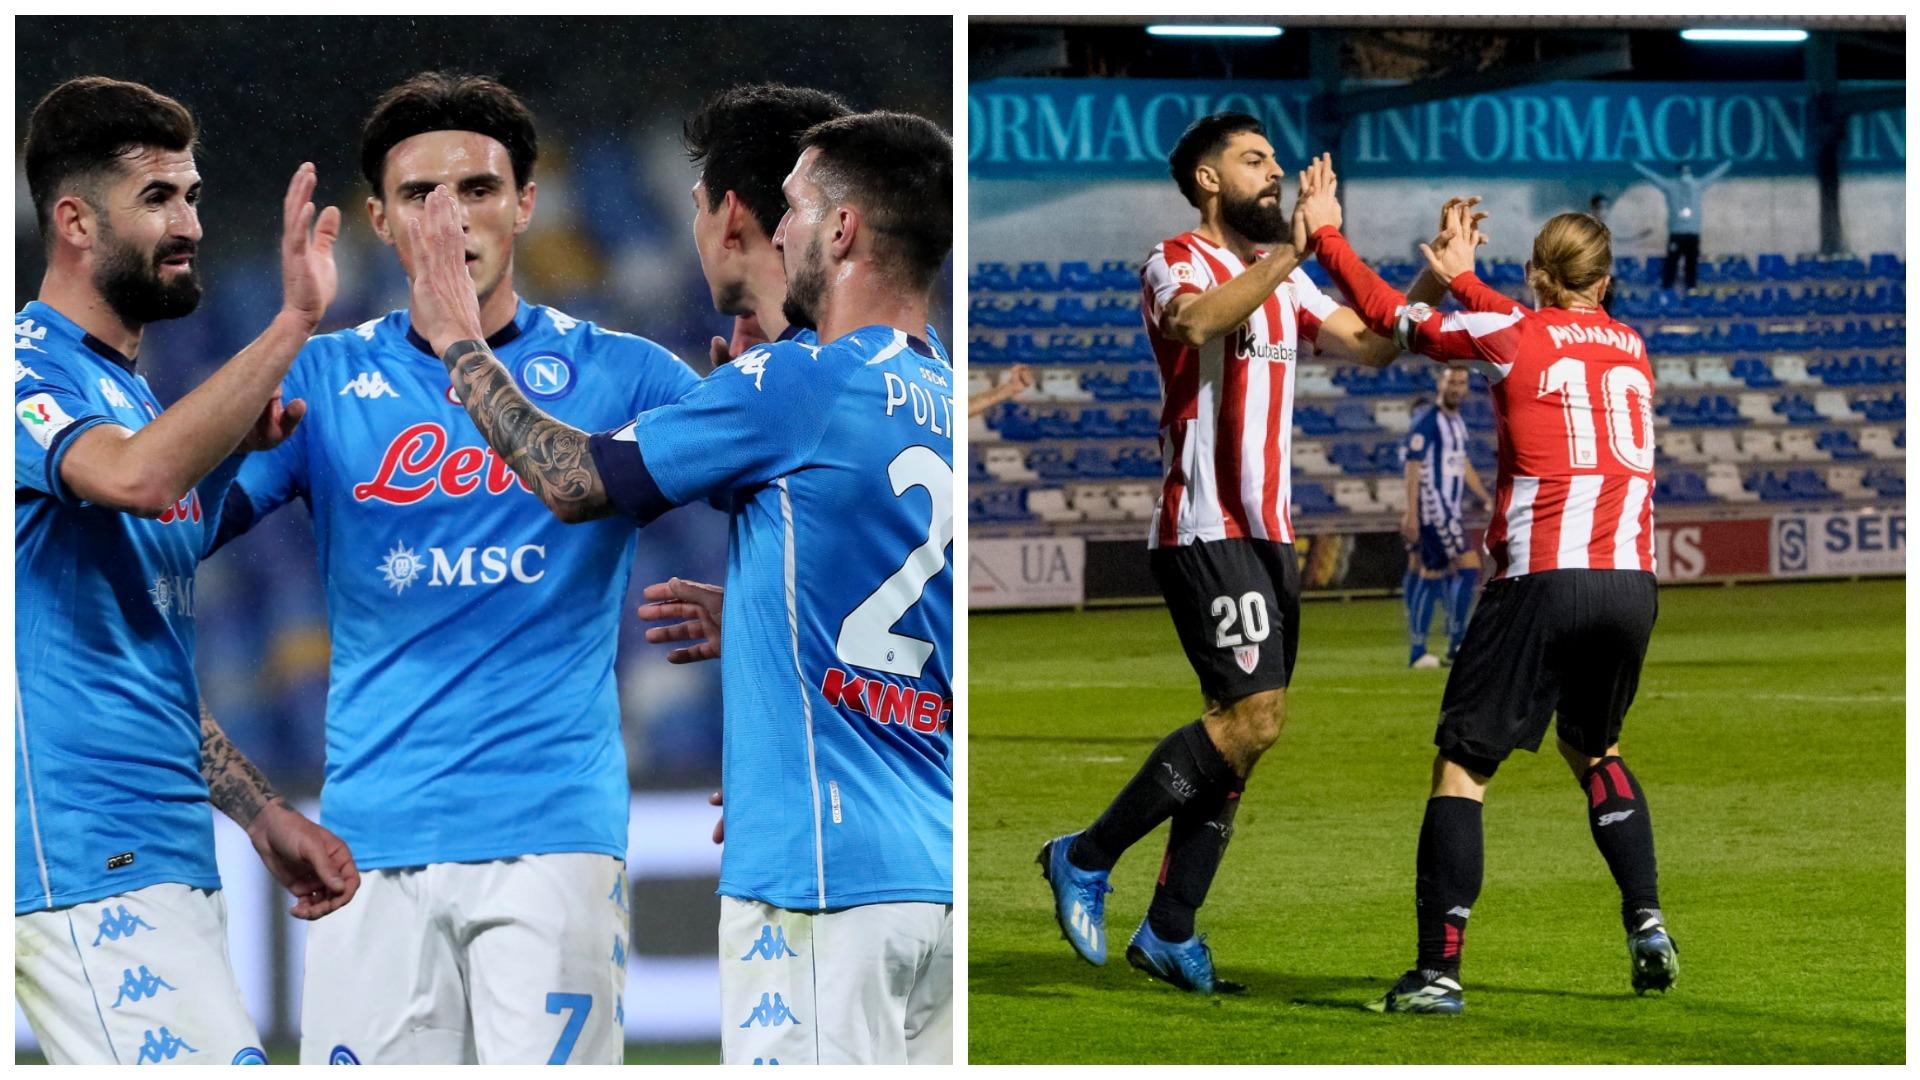 VIDEO/ Goleada nga Spanja në Itali, Napoli e Athletic Bilbao bëjnë detyrën